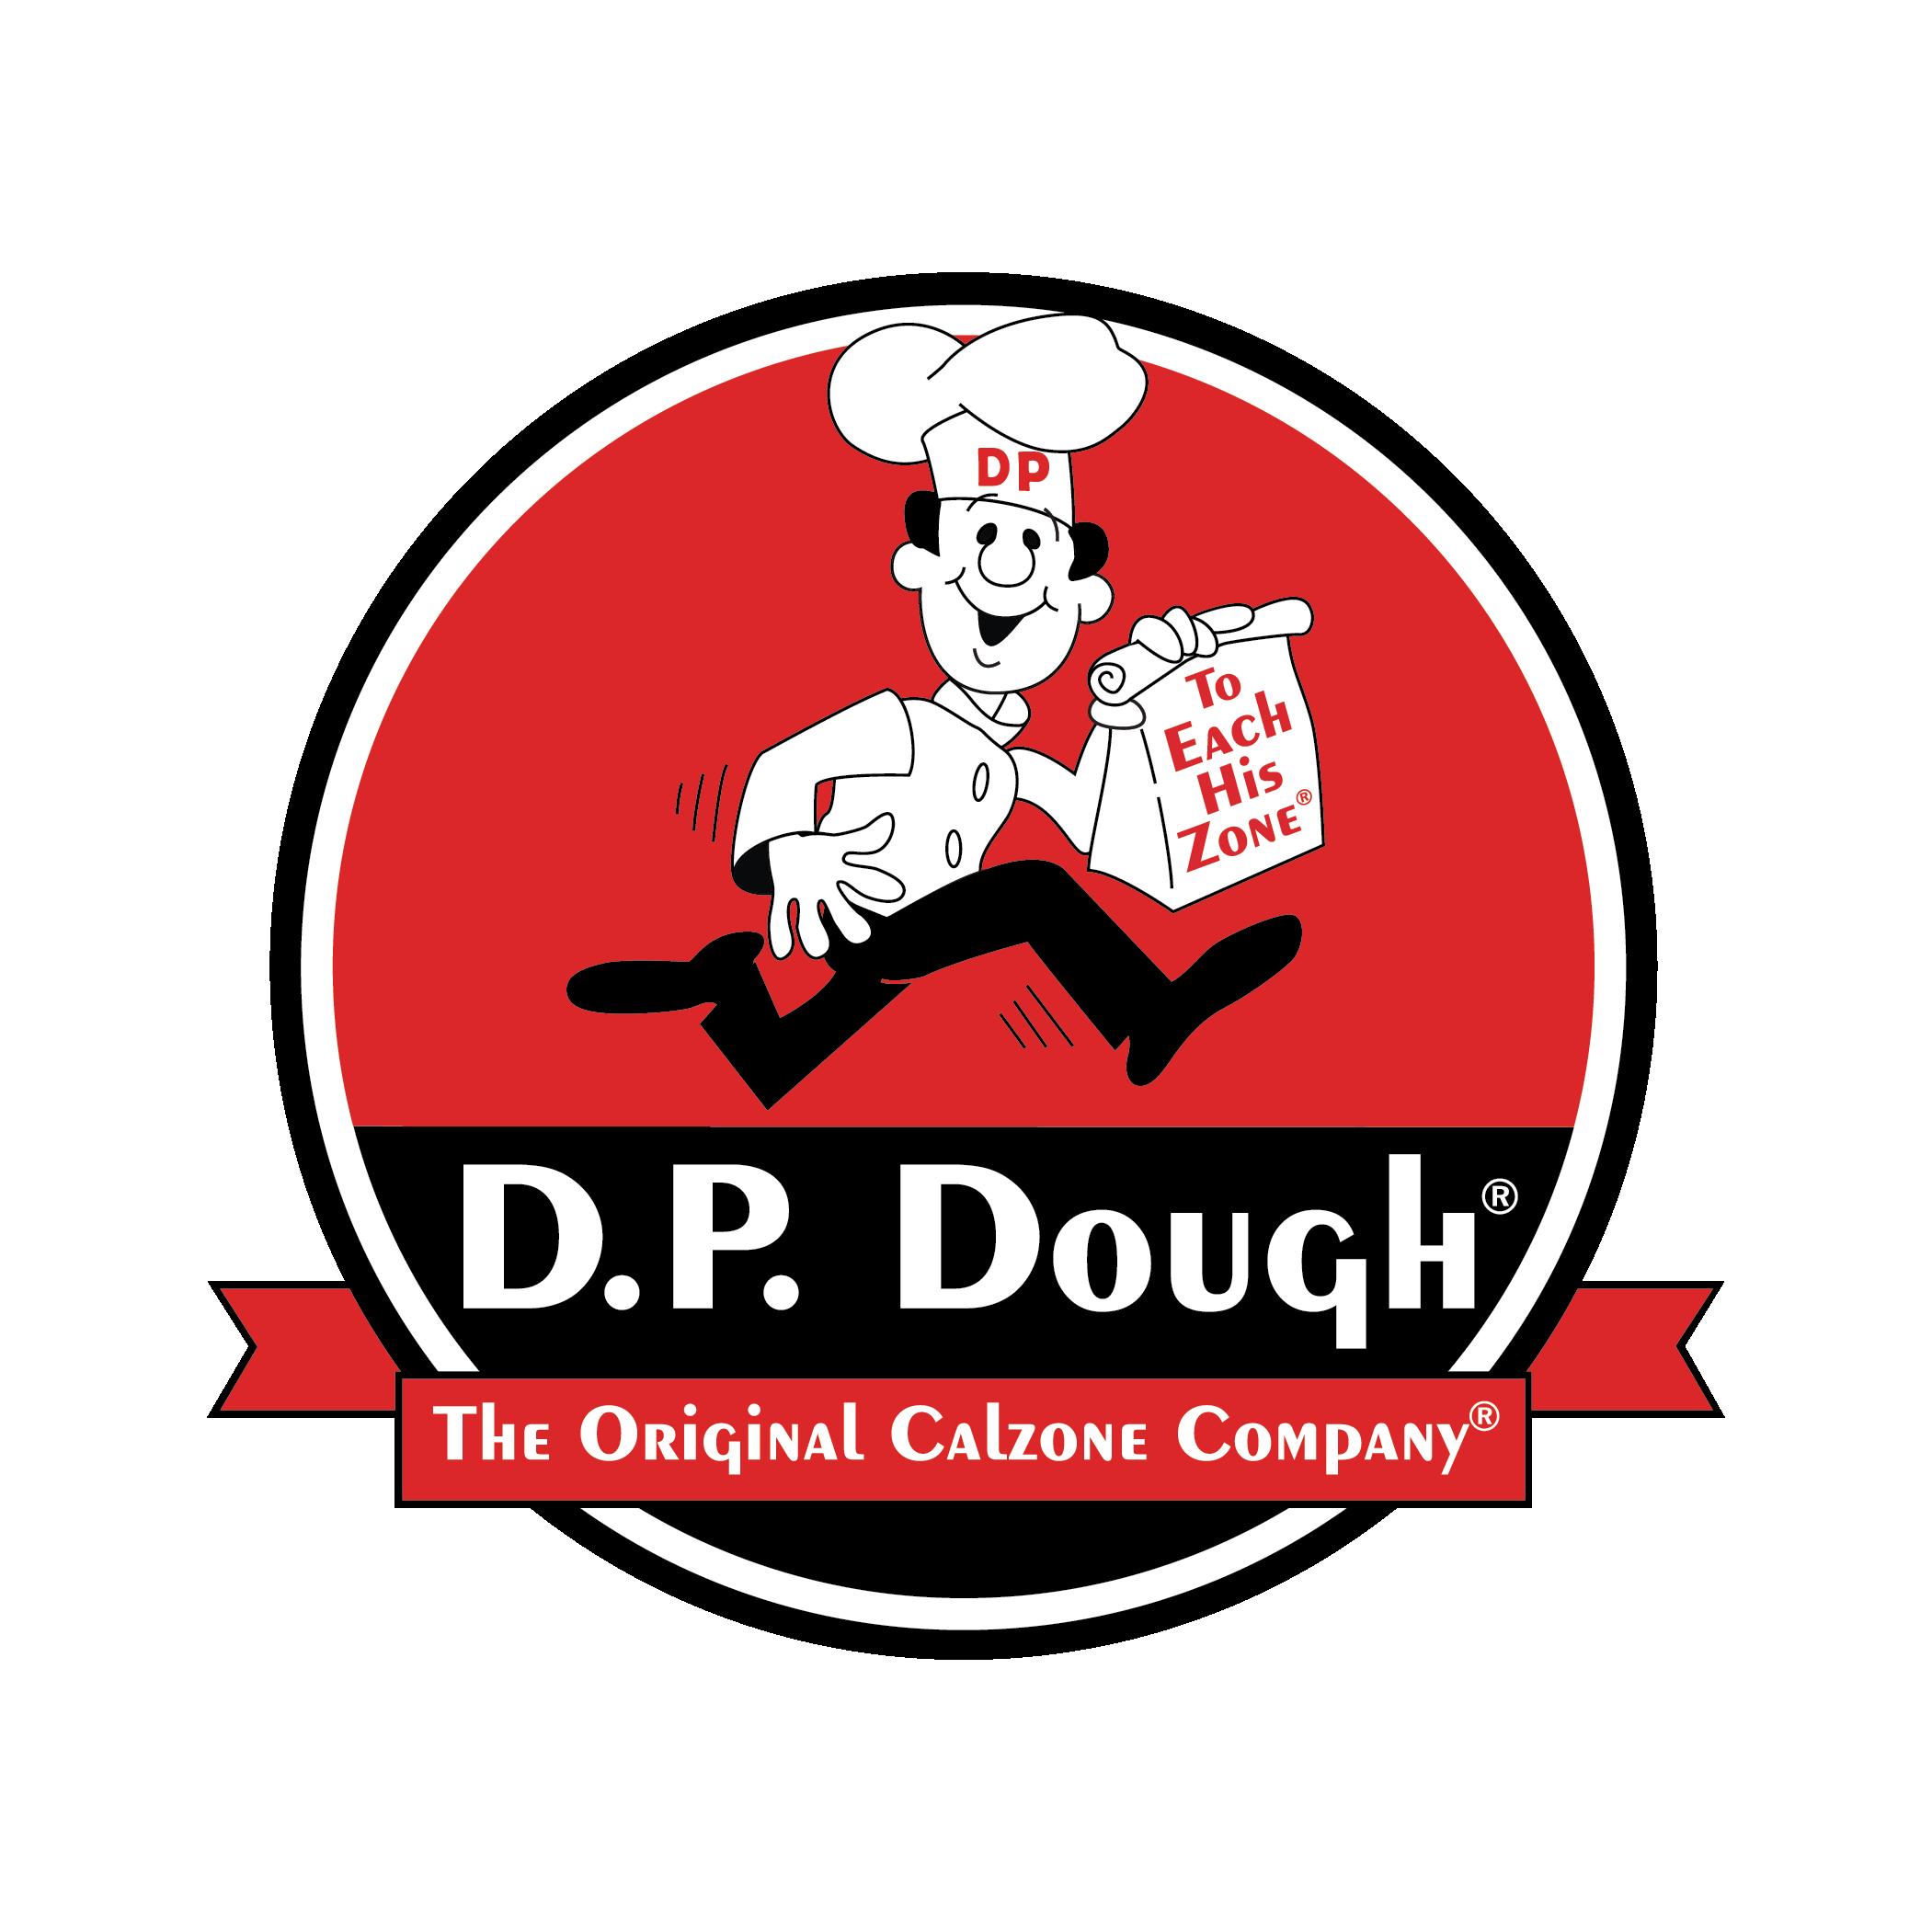 D. P. Dough